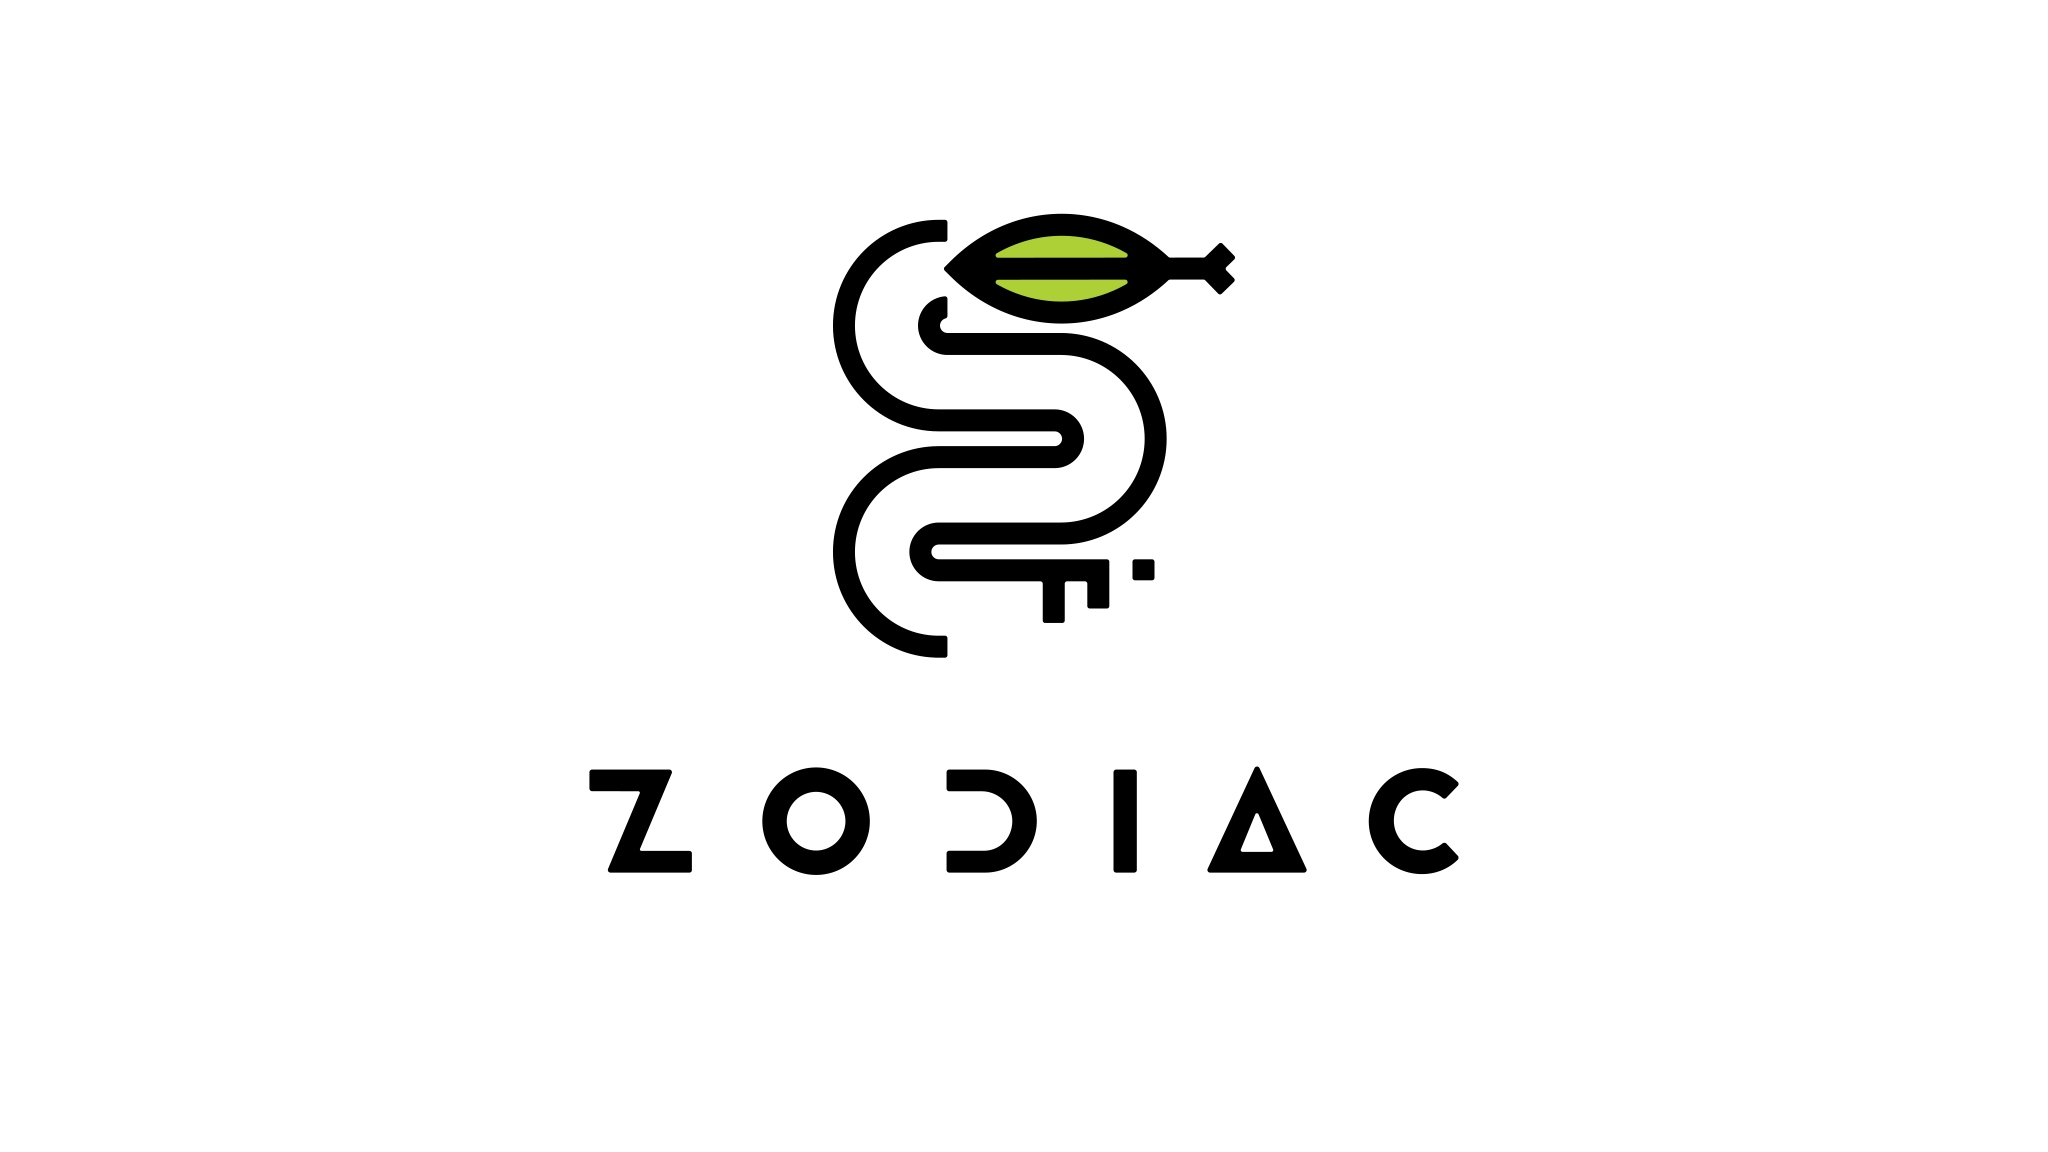 zod3.jpg